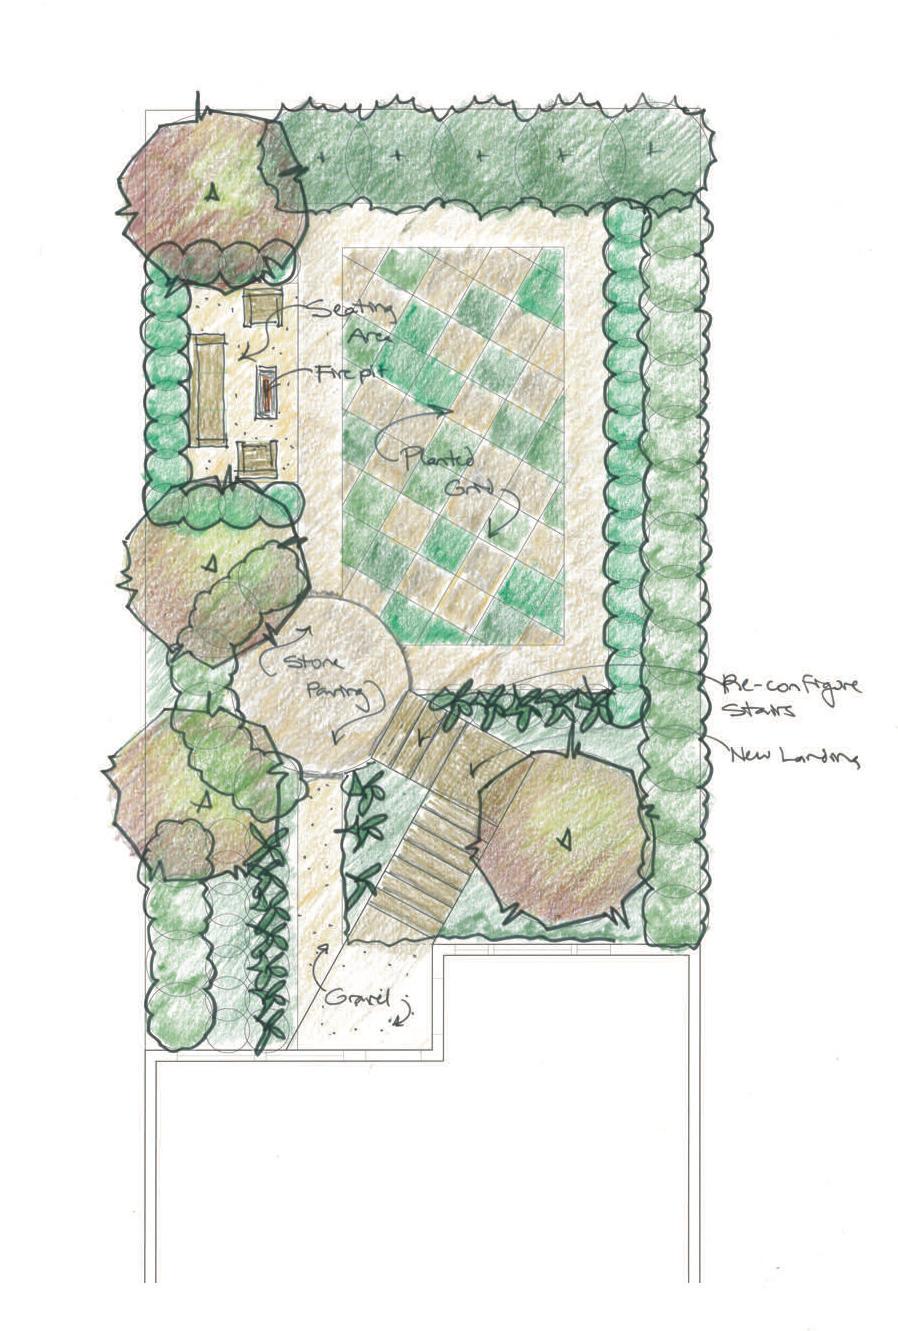 Arterra-San Francisco-viewing-garden-02-1.jpg